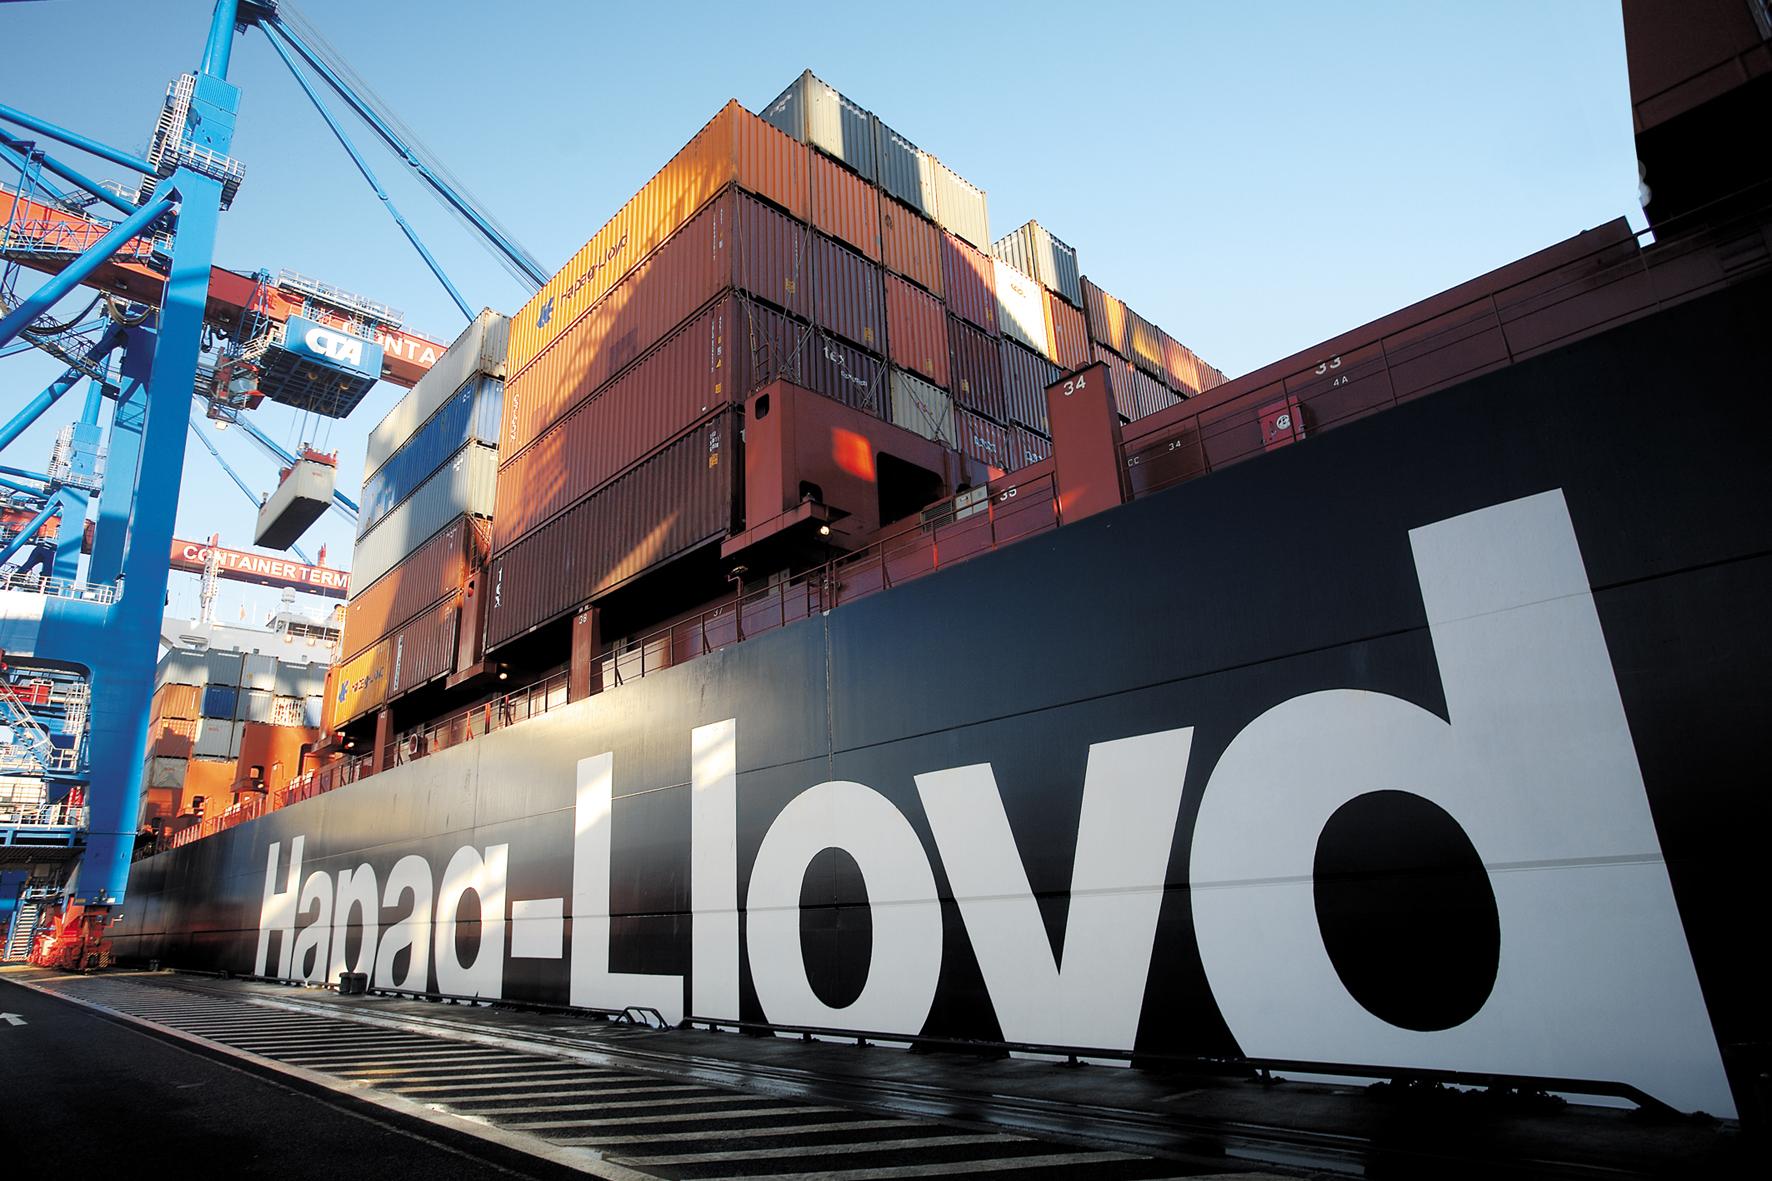 Hapag Lloyd and CSAV Enter - Hapag-Lloyd se convierte en la quinta mayor naviera del mundo